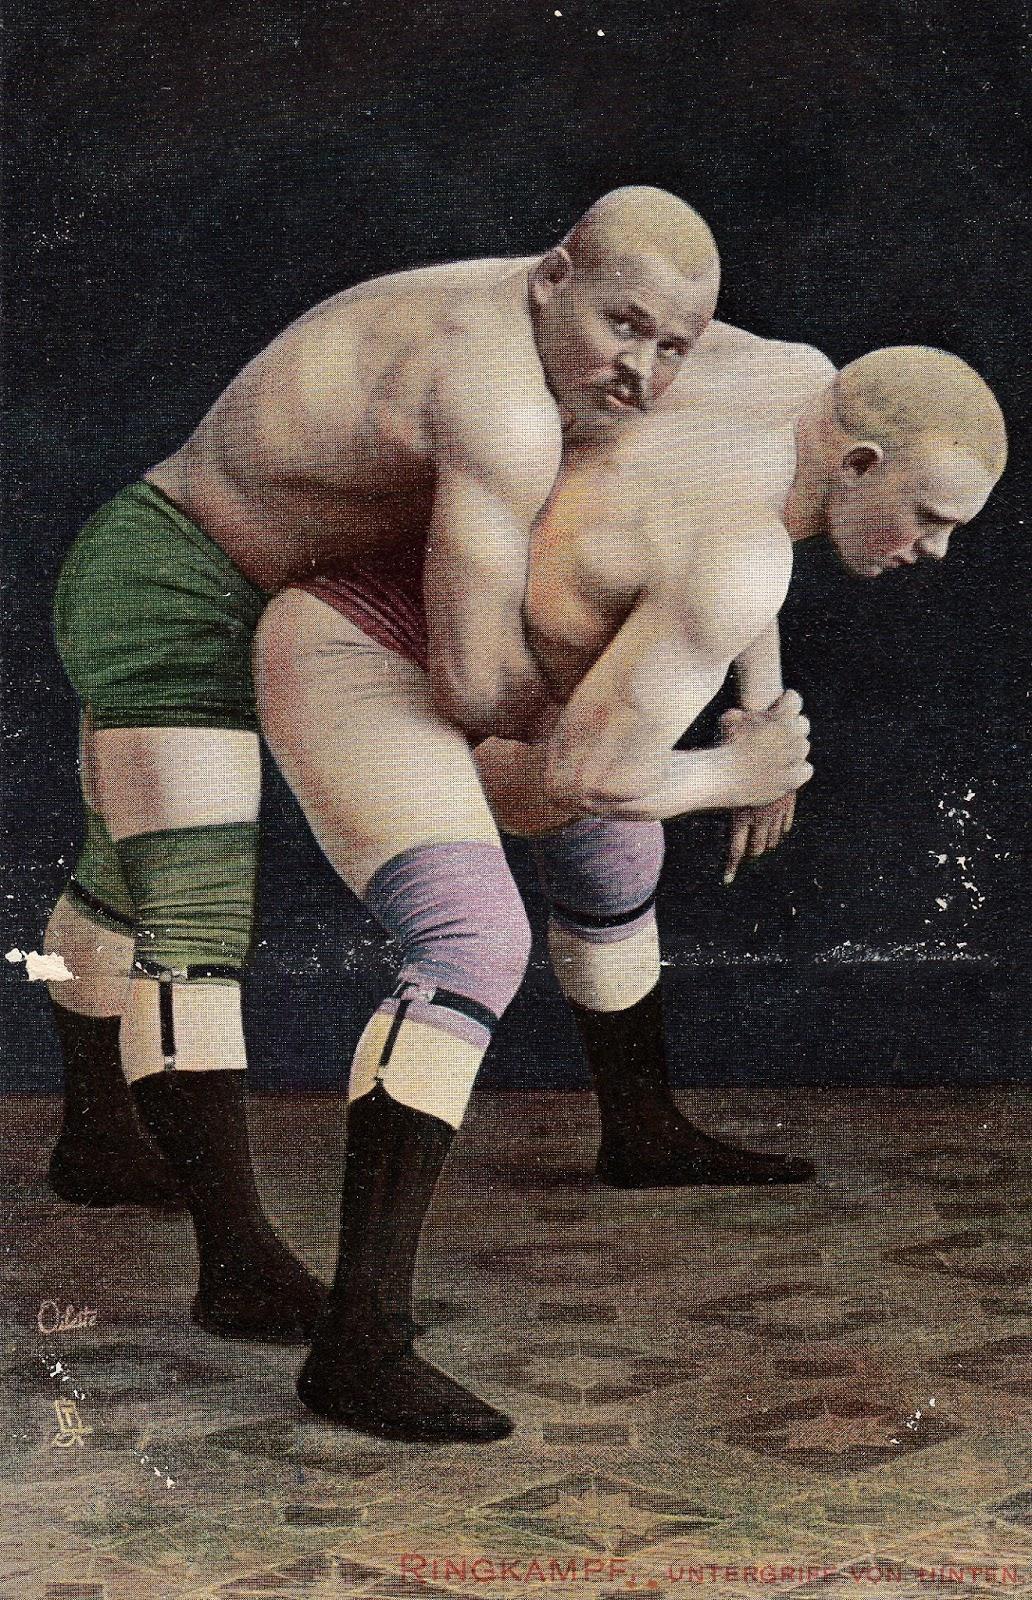 sack grabbing in wrestling